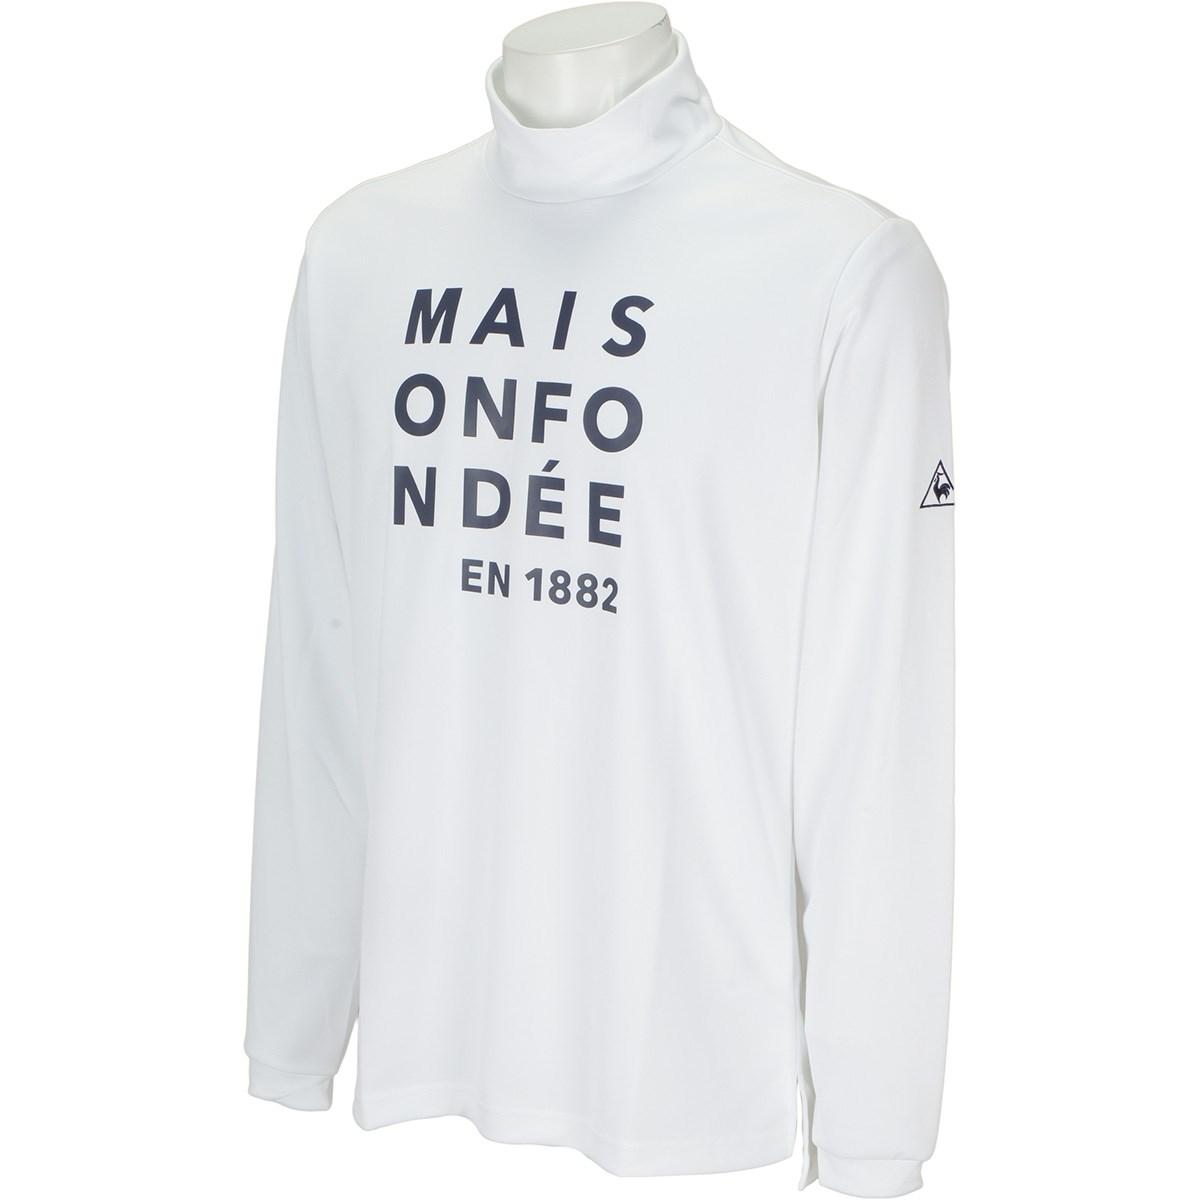 ルコックゴルフ Le coq sportif GOLF ロゴグラフィック長袖シャツ M ホワイト 00